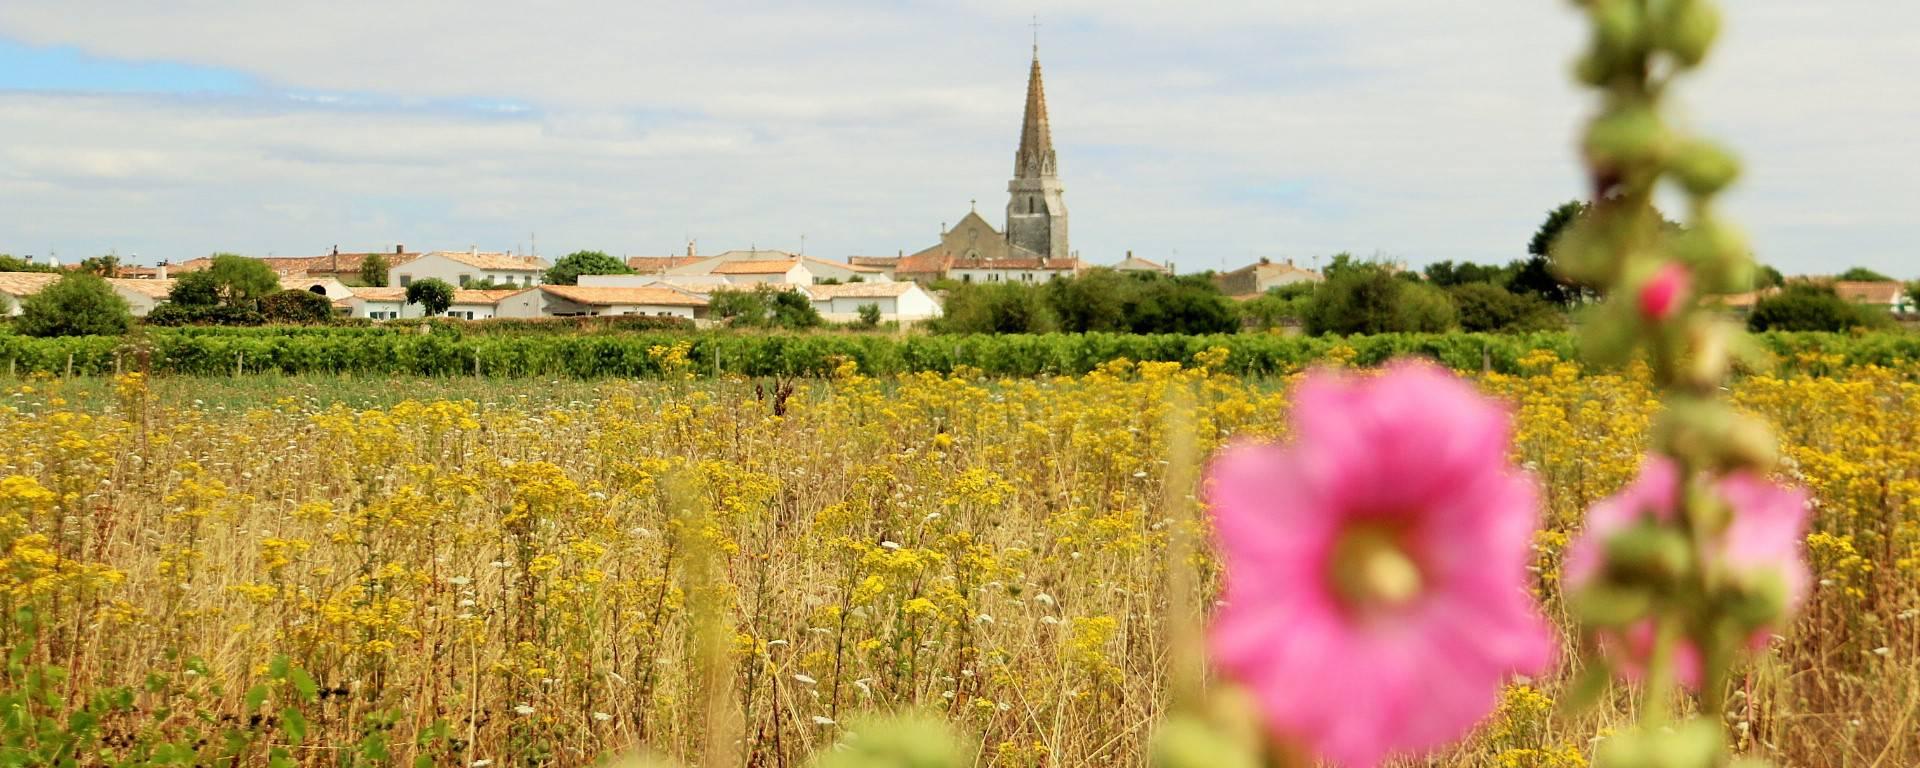 Sainte-Marie-de-Ré